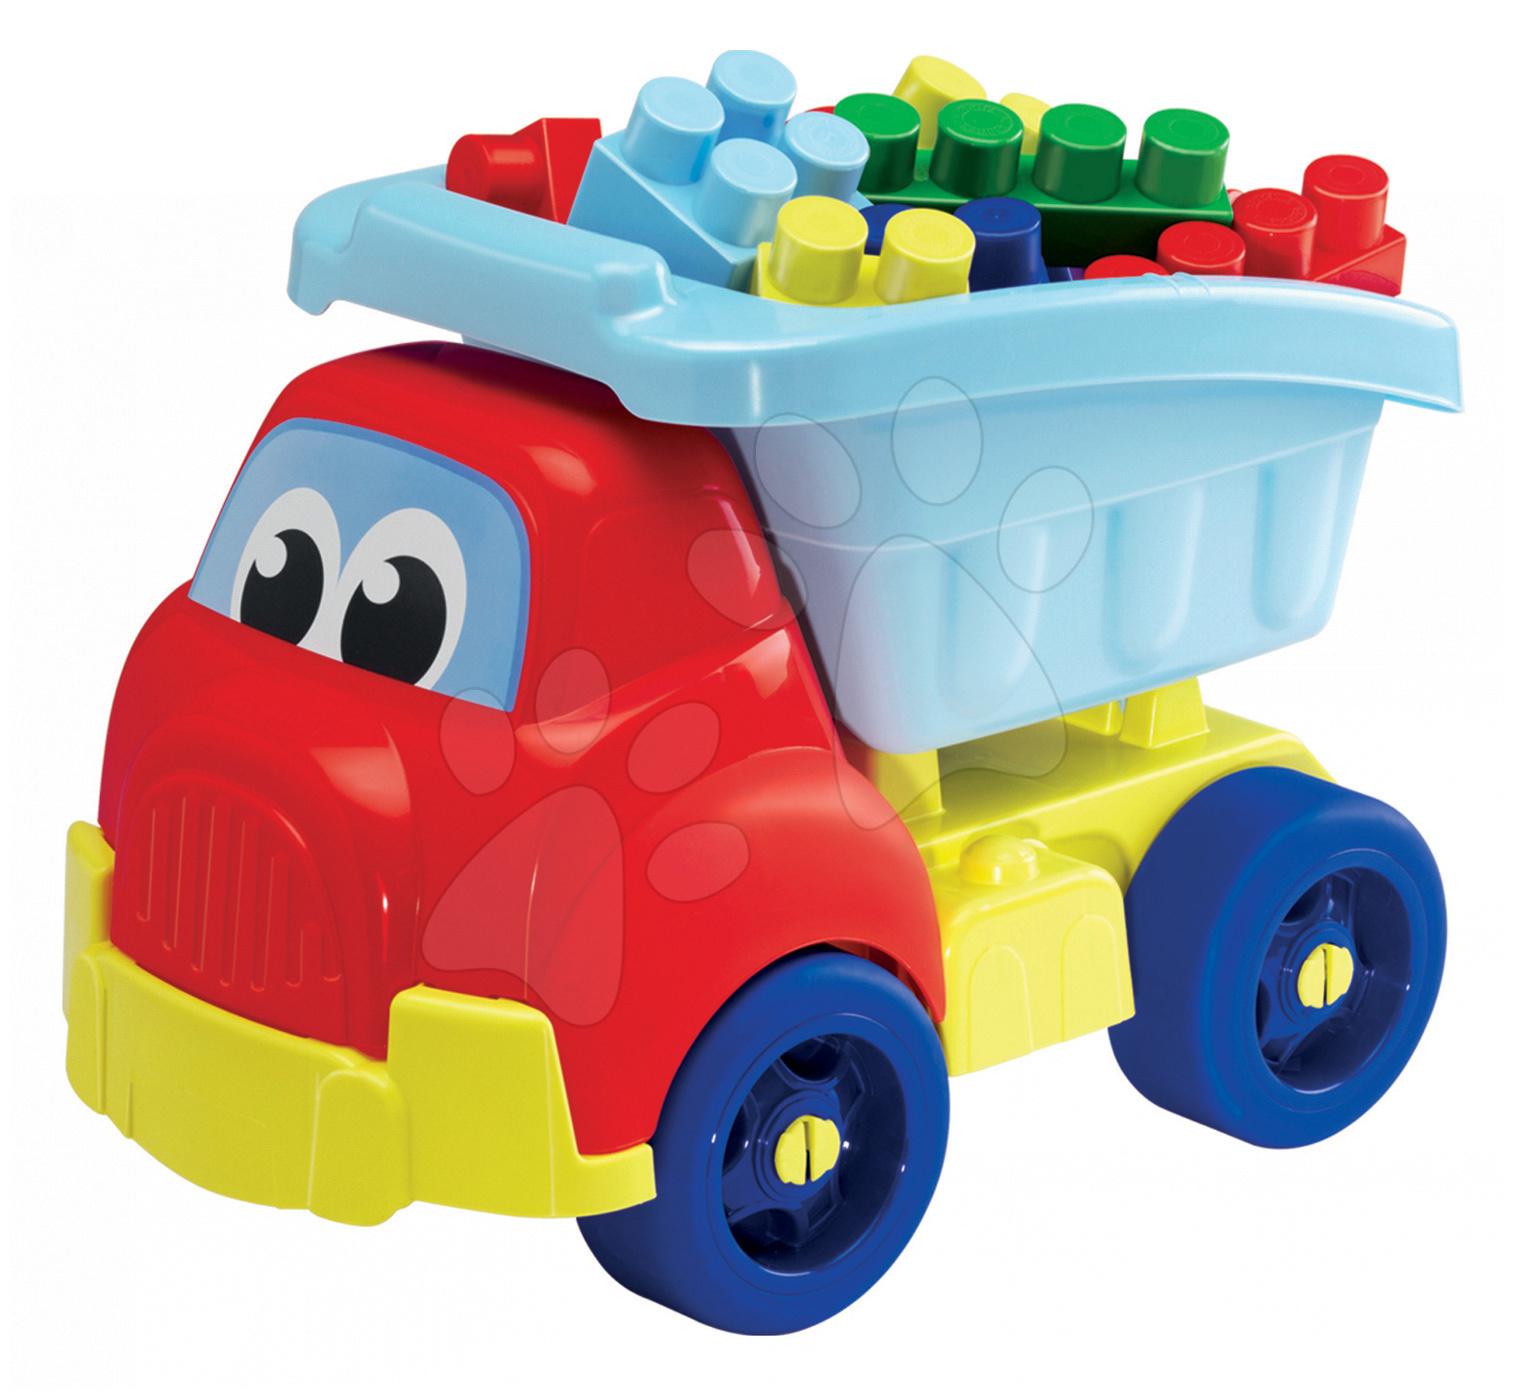 Kostky a stavebnice - Nákladní auto Abrick Maxi Écoiffier s velkými kostkami 30 dílů od 12 měsíců